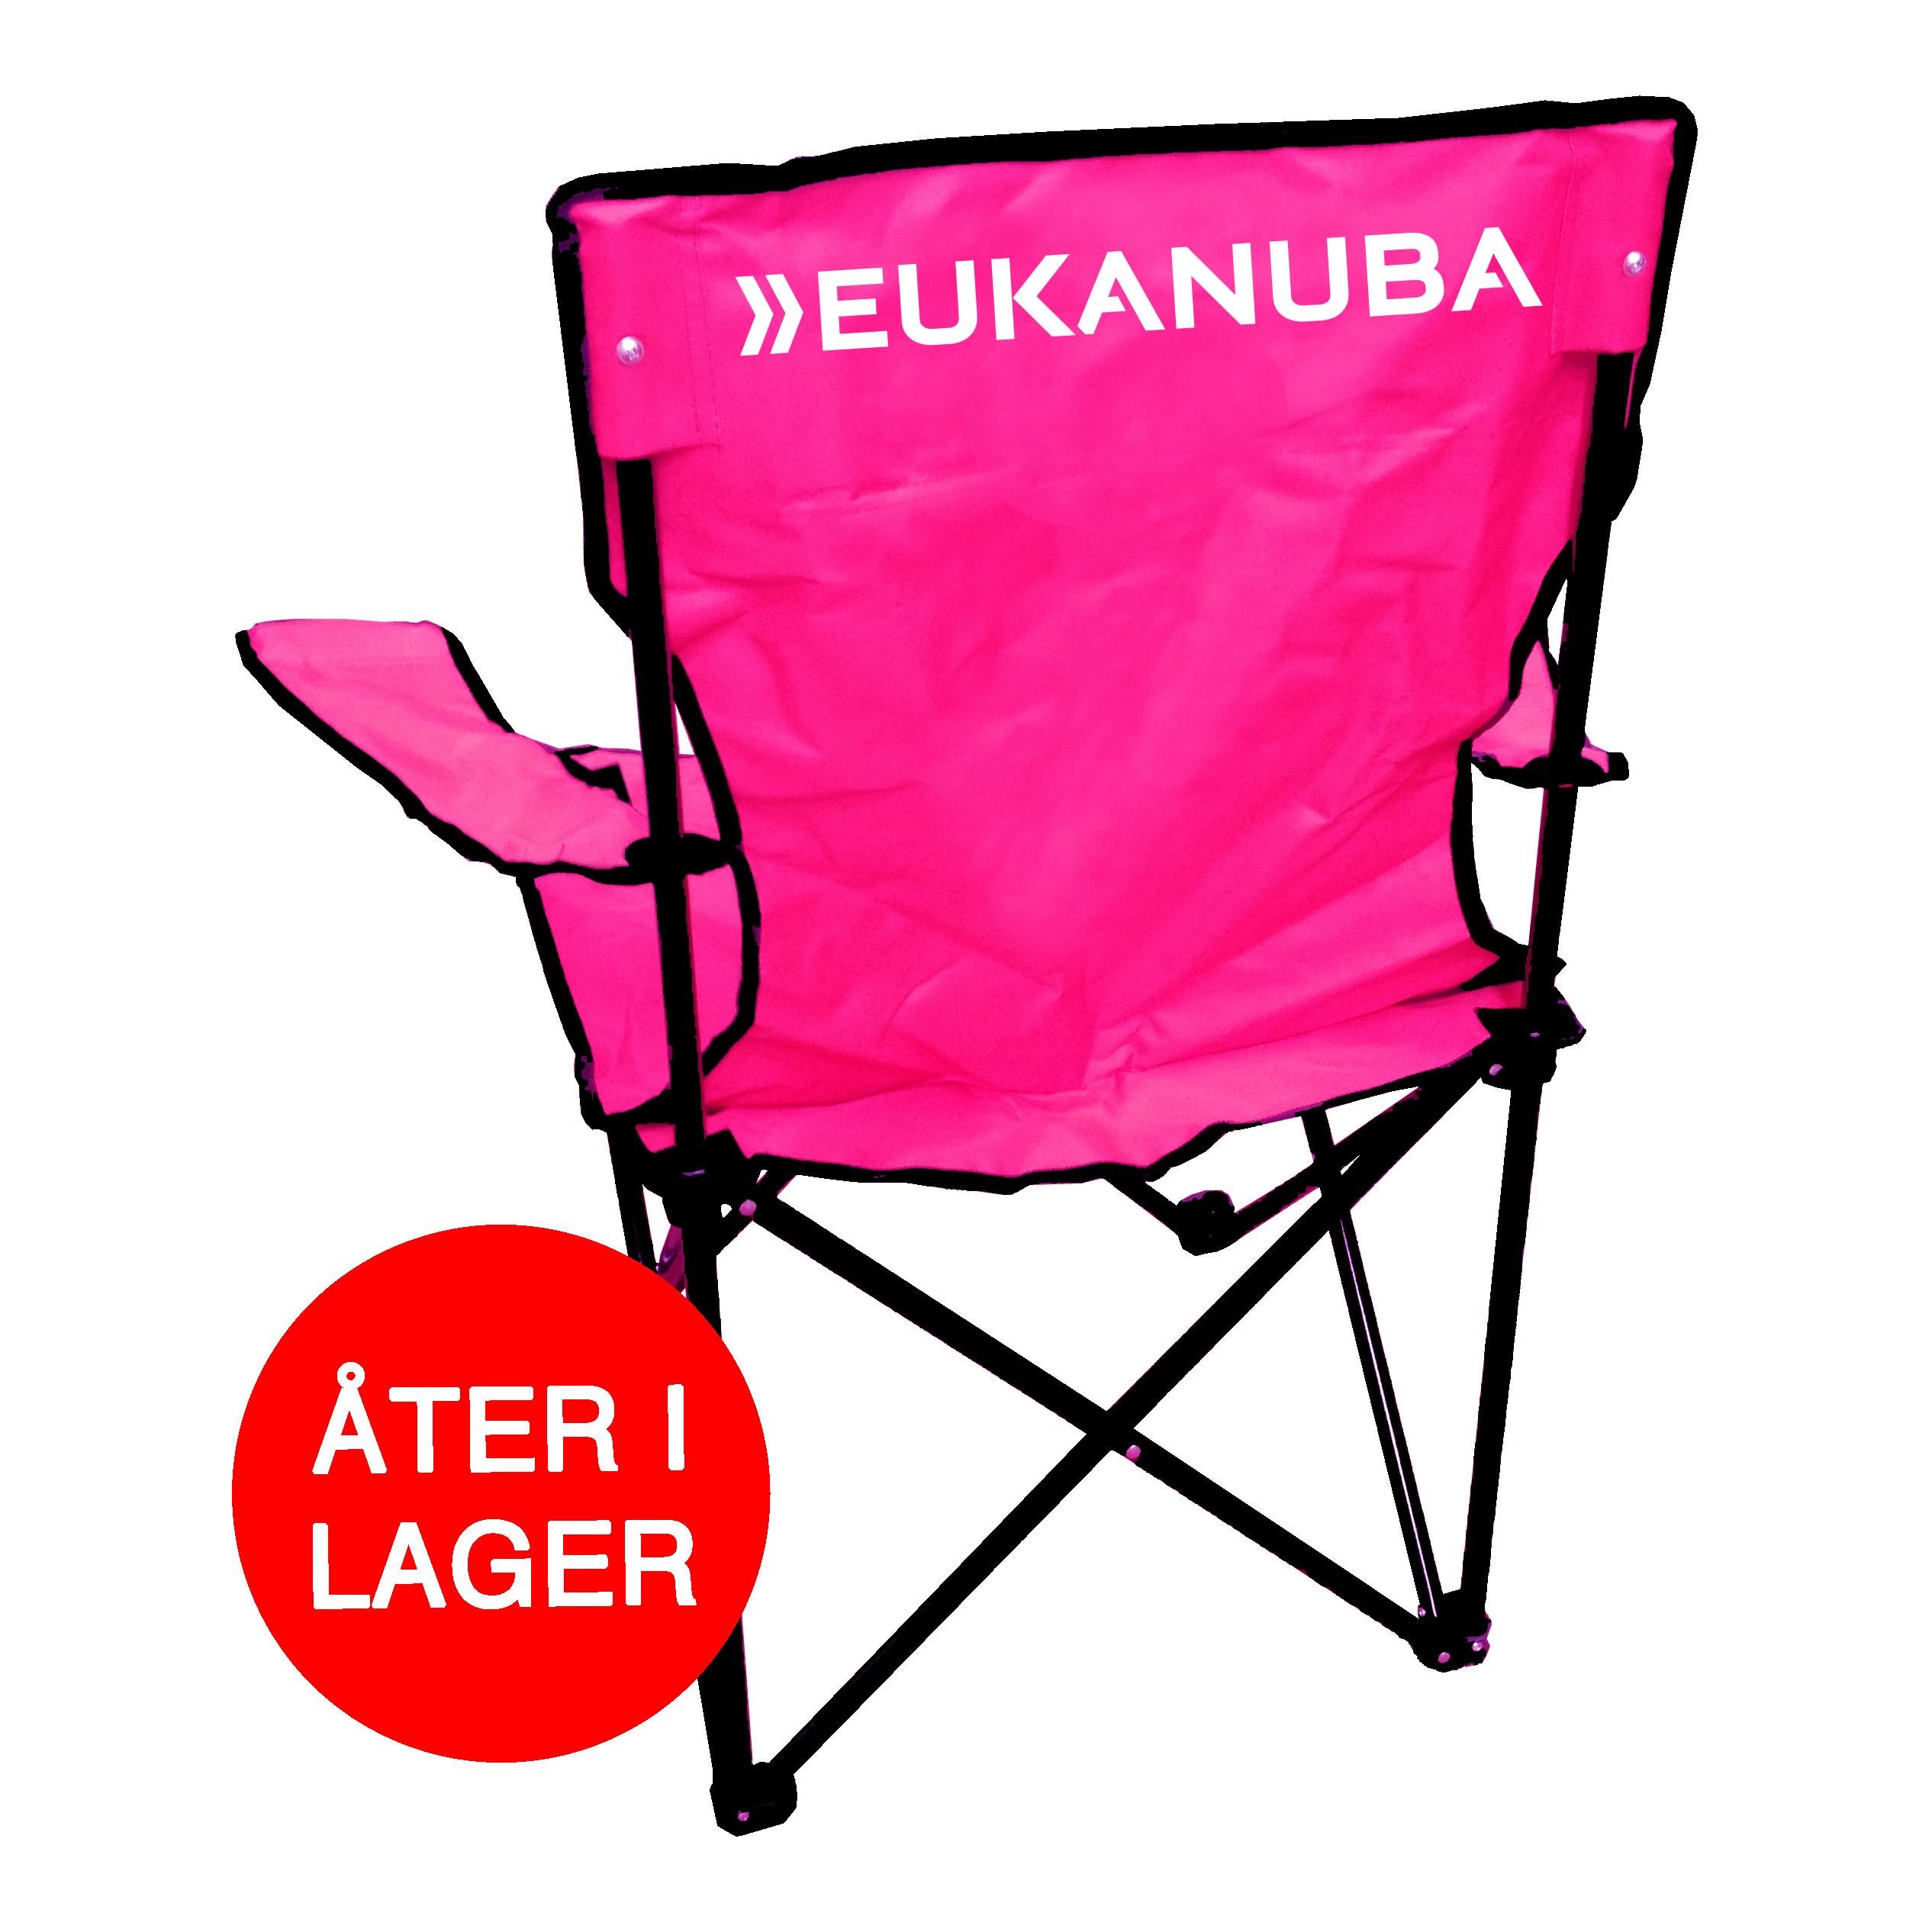 Eukanuba stol